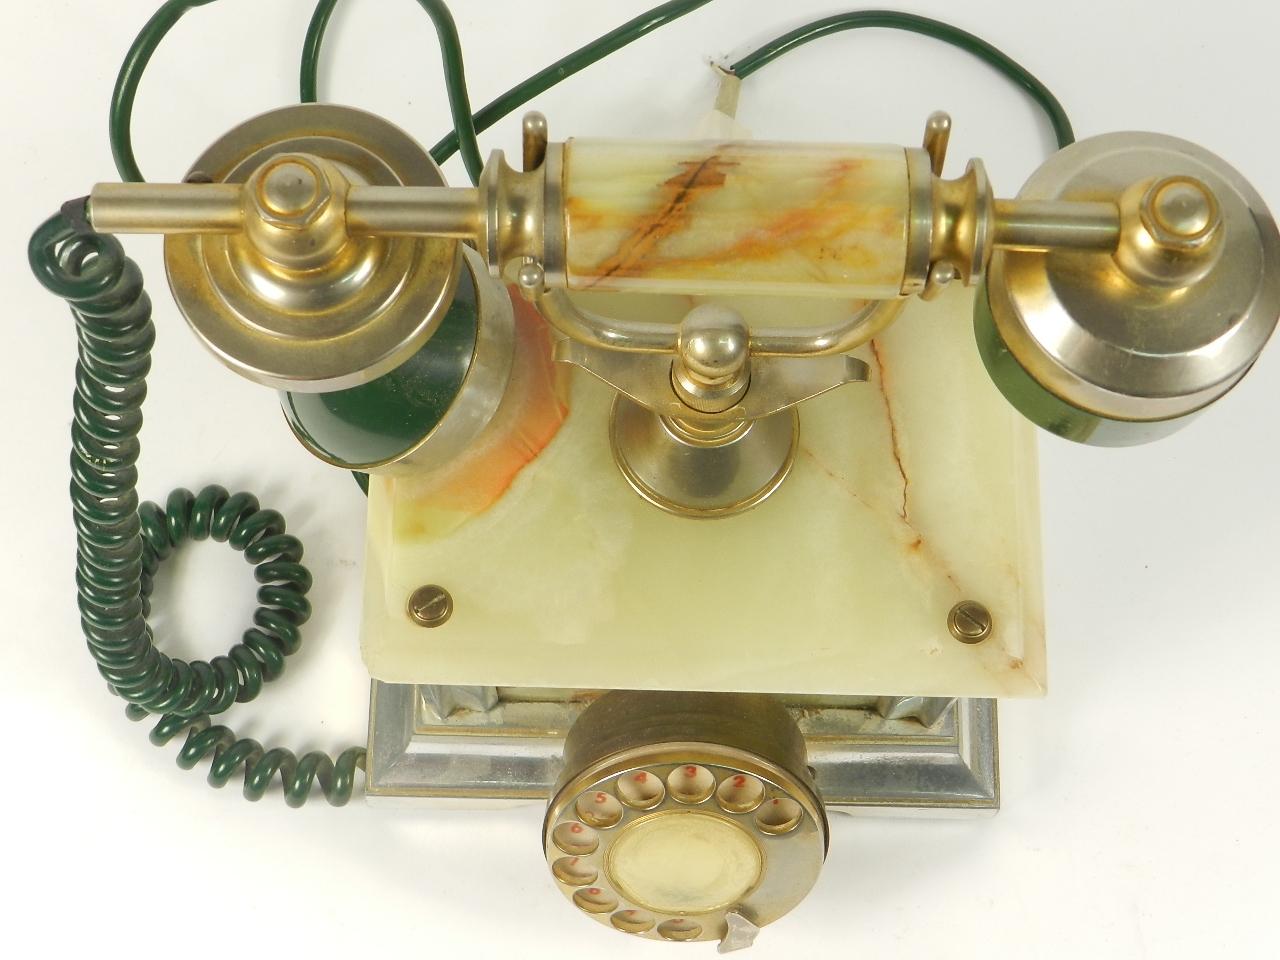 Imagen TELEFONO SOBREMESA ONIX VERDE AÑO 1960 35365